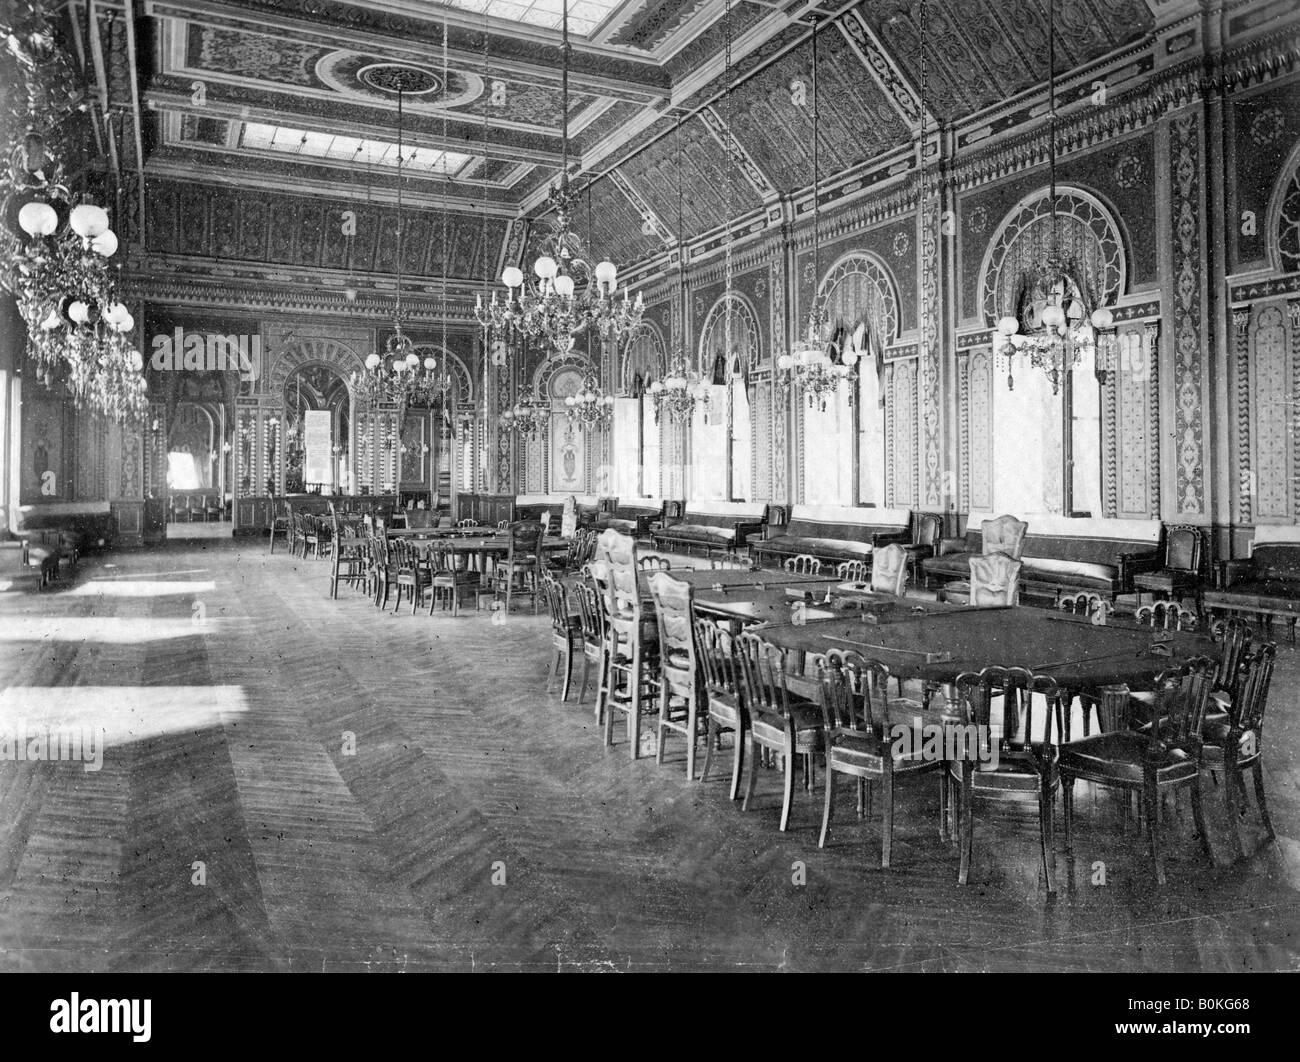 The Roulette Saloon, Monte Carlo, Monaco, c 1910s. - Stock Image